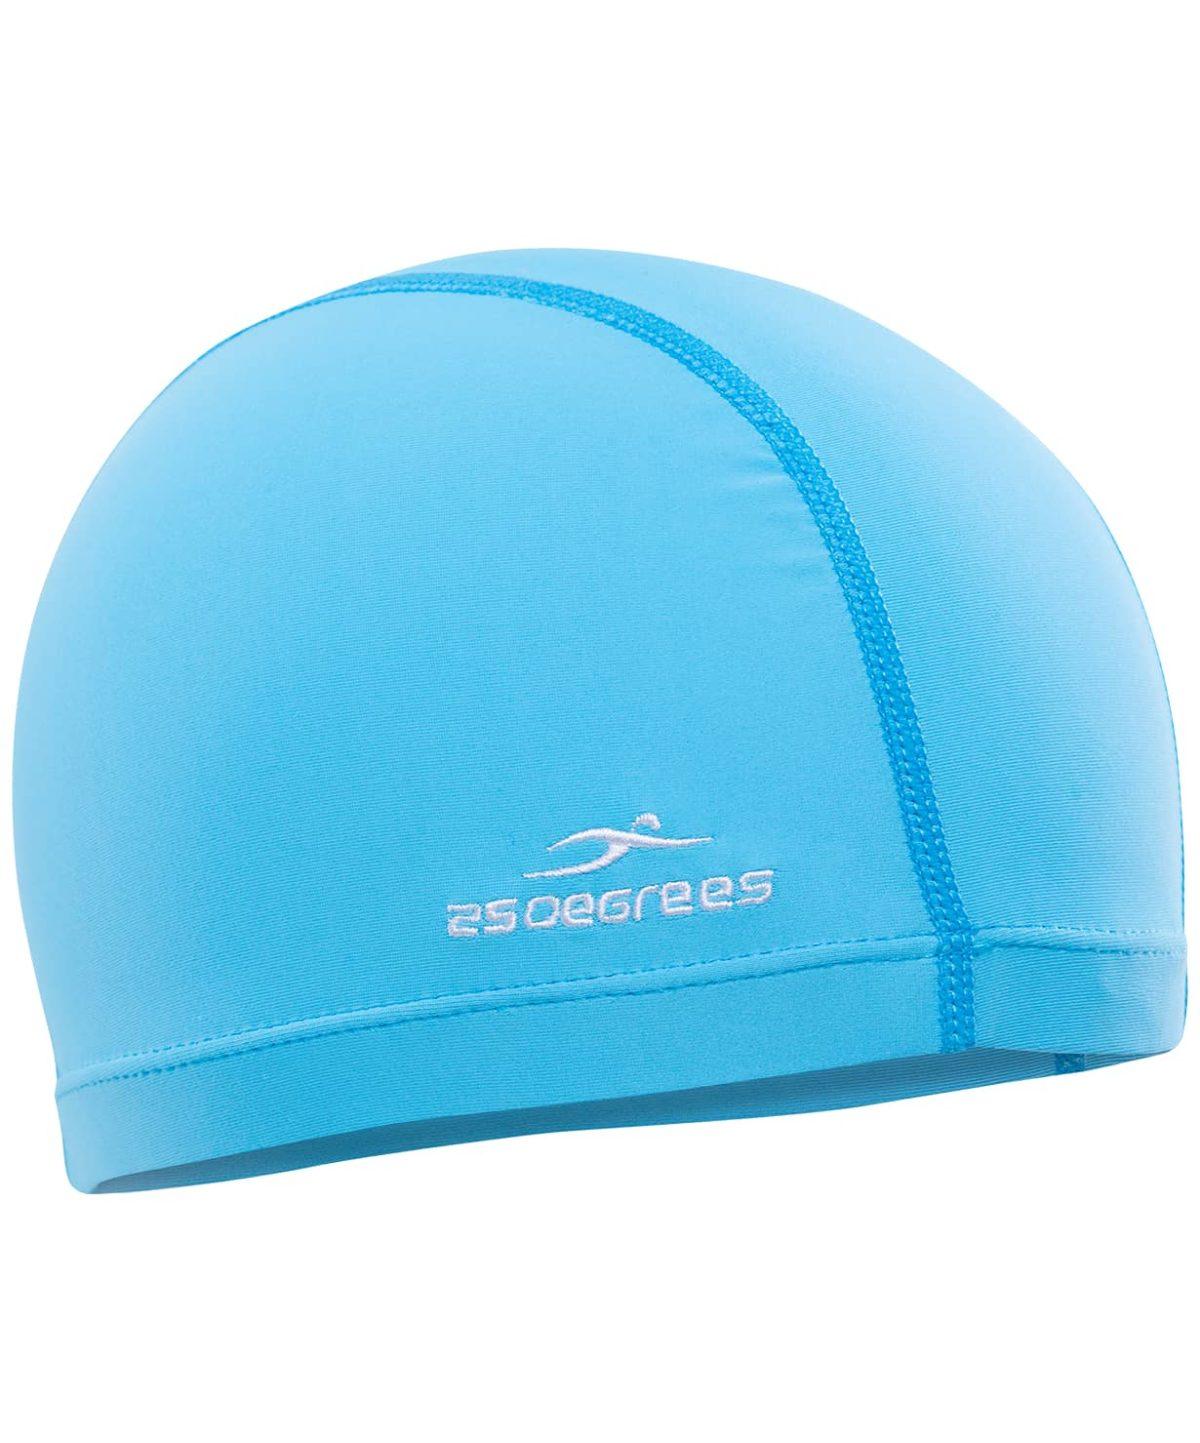 25DEGREES Шапочка для плавания Essence, полиамид, детская 25D15-ES-22-32-0: голубой - 1